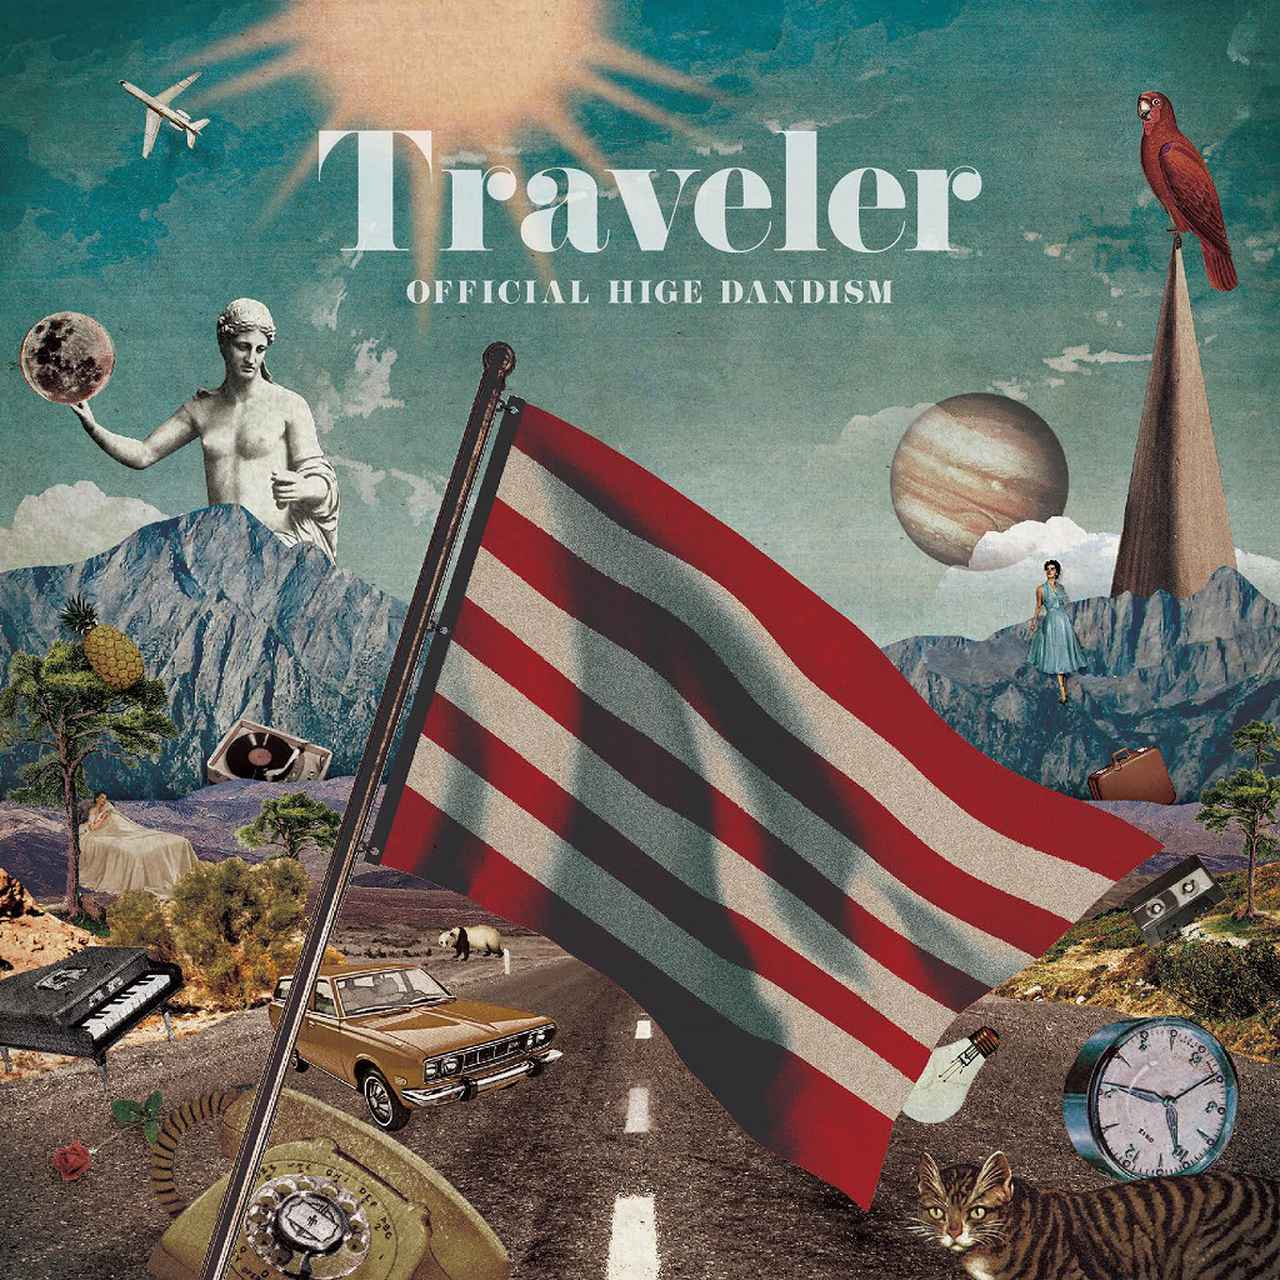 画像: Traveler / Official髭男dism